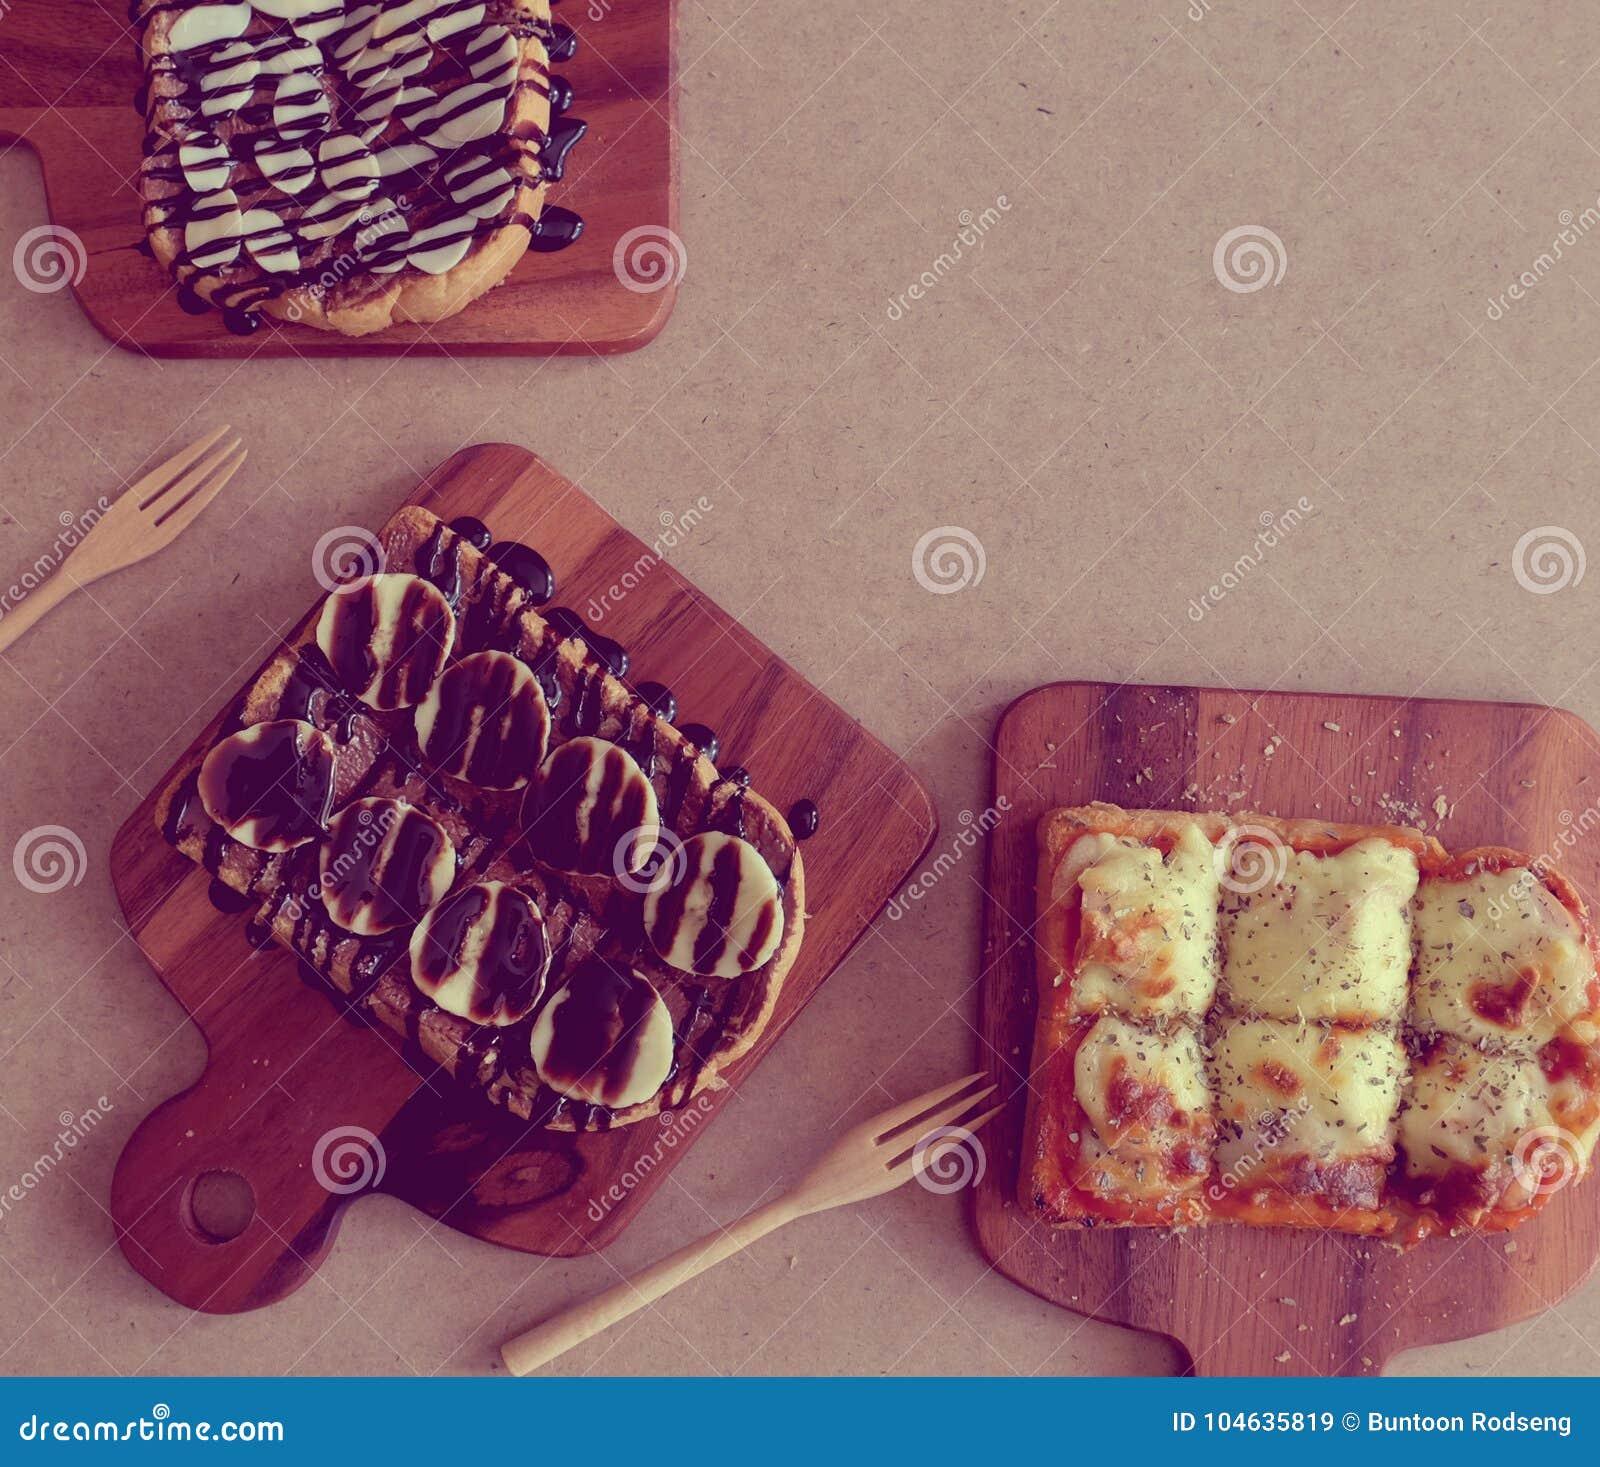 Download Ontbijttoost, Pizza, Bananenchocolade, Chocoladepinda Stock Afbeelding - Afbeelding bestaande uit brood, fruit: 104635819